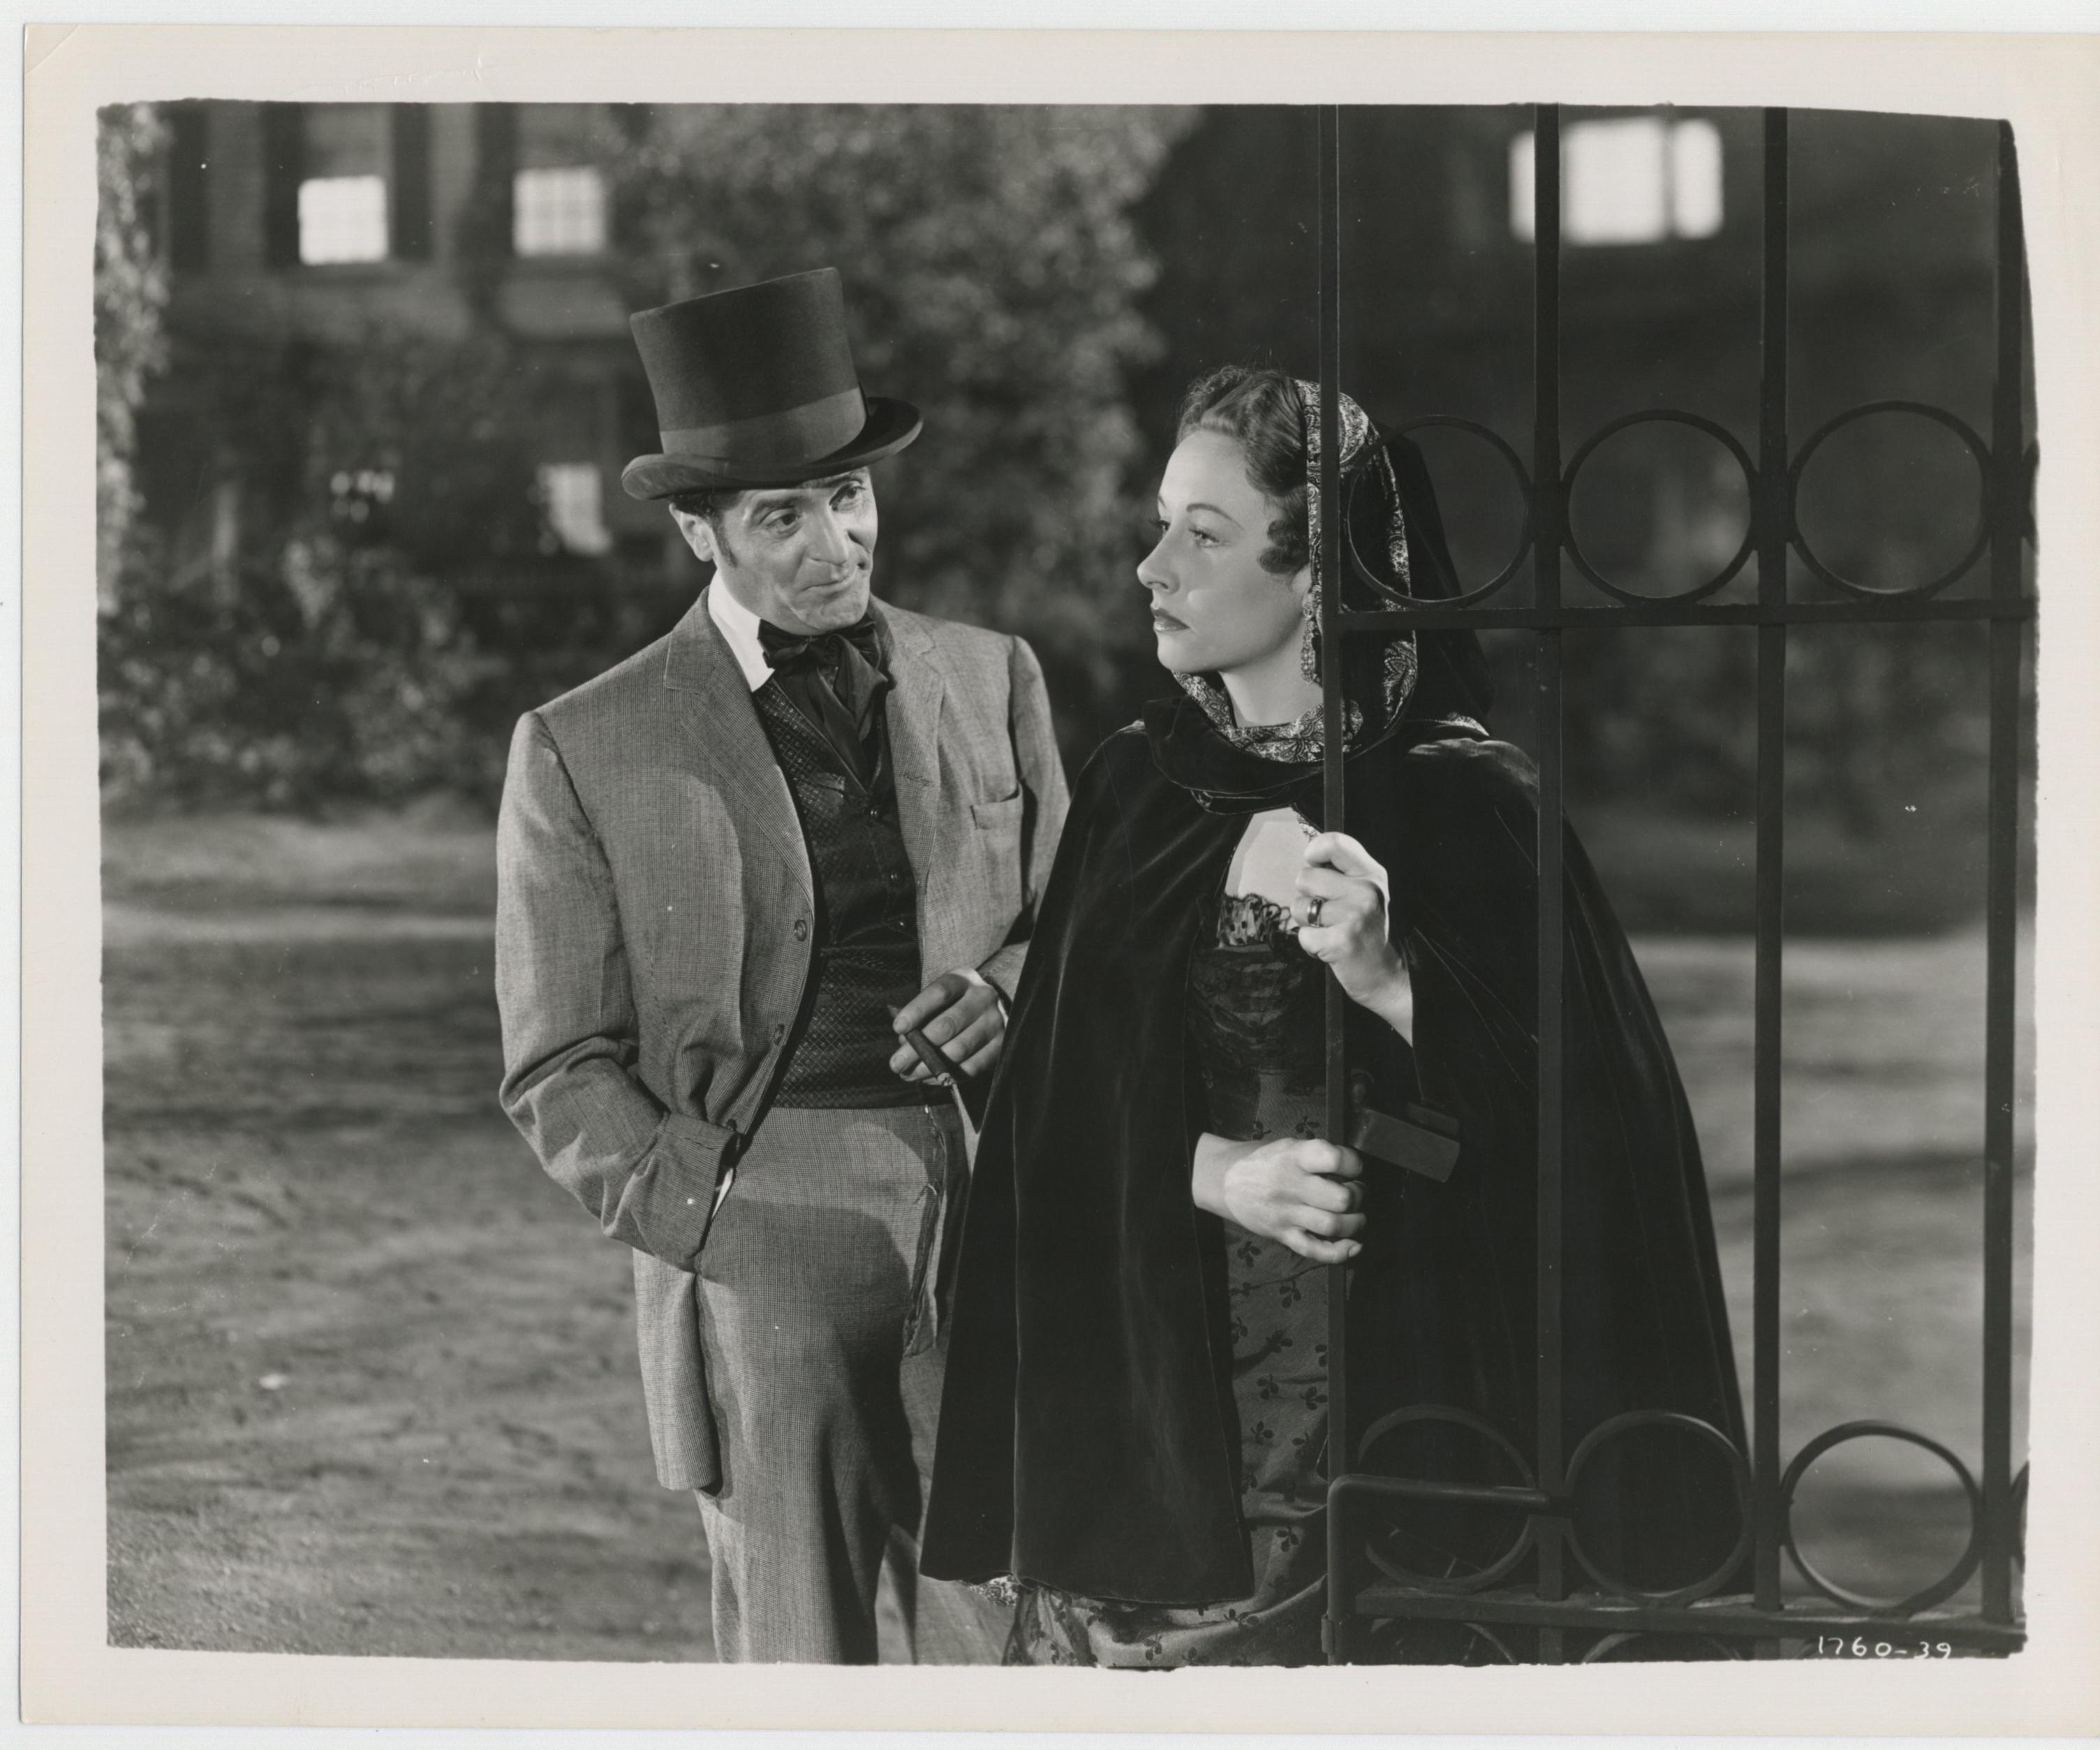 Francis Lederer and Vera Ralston in Surrender (1950)